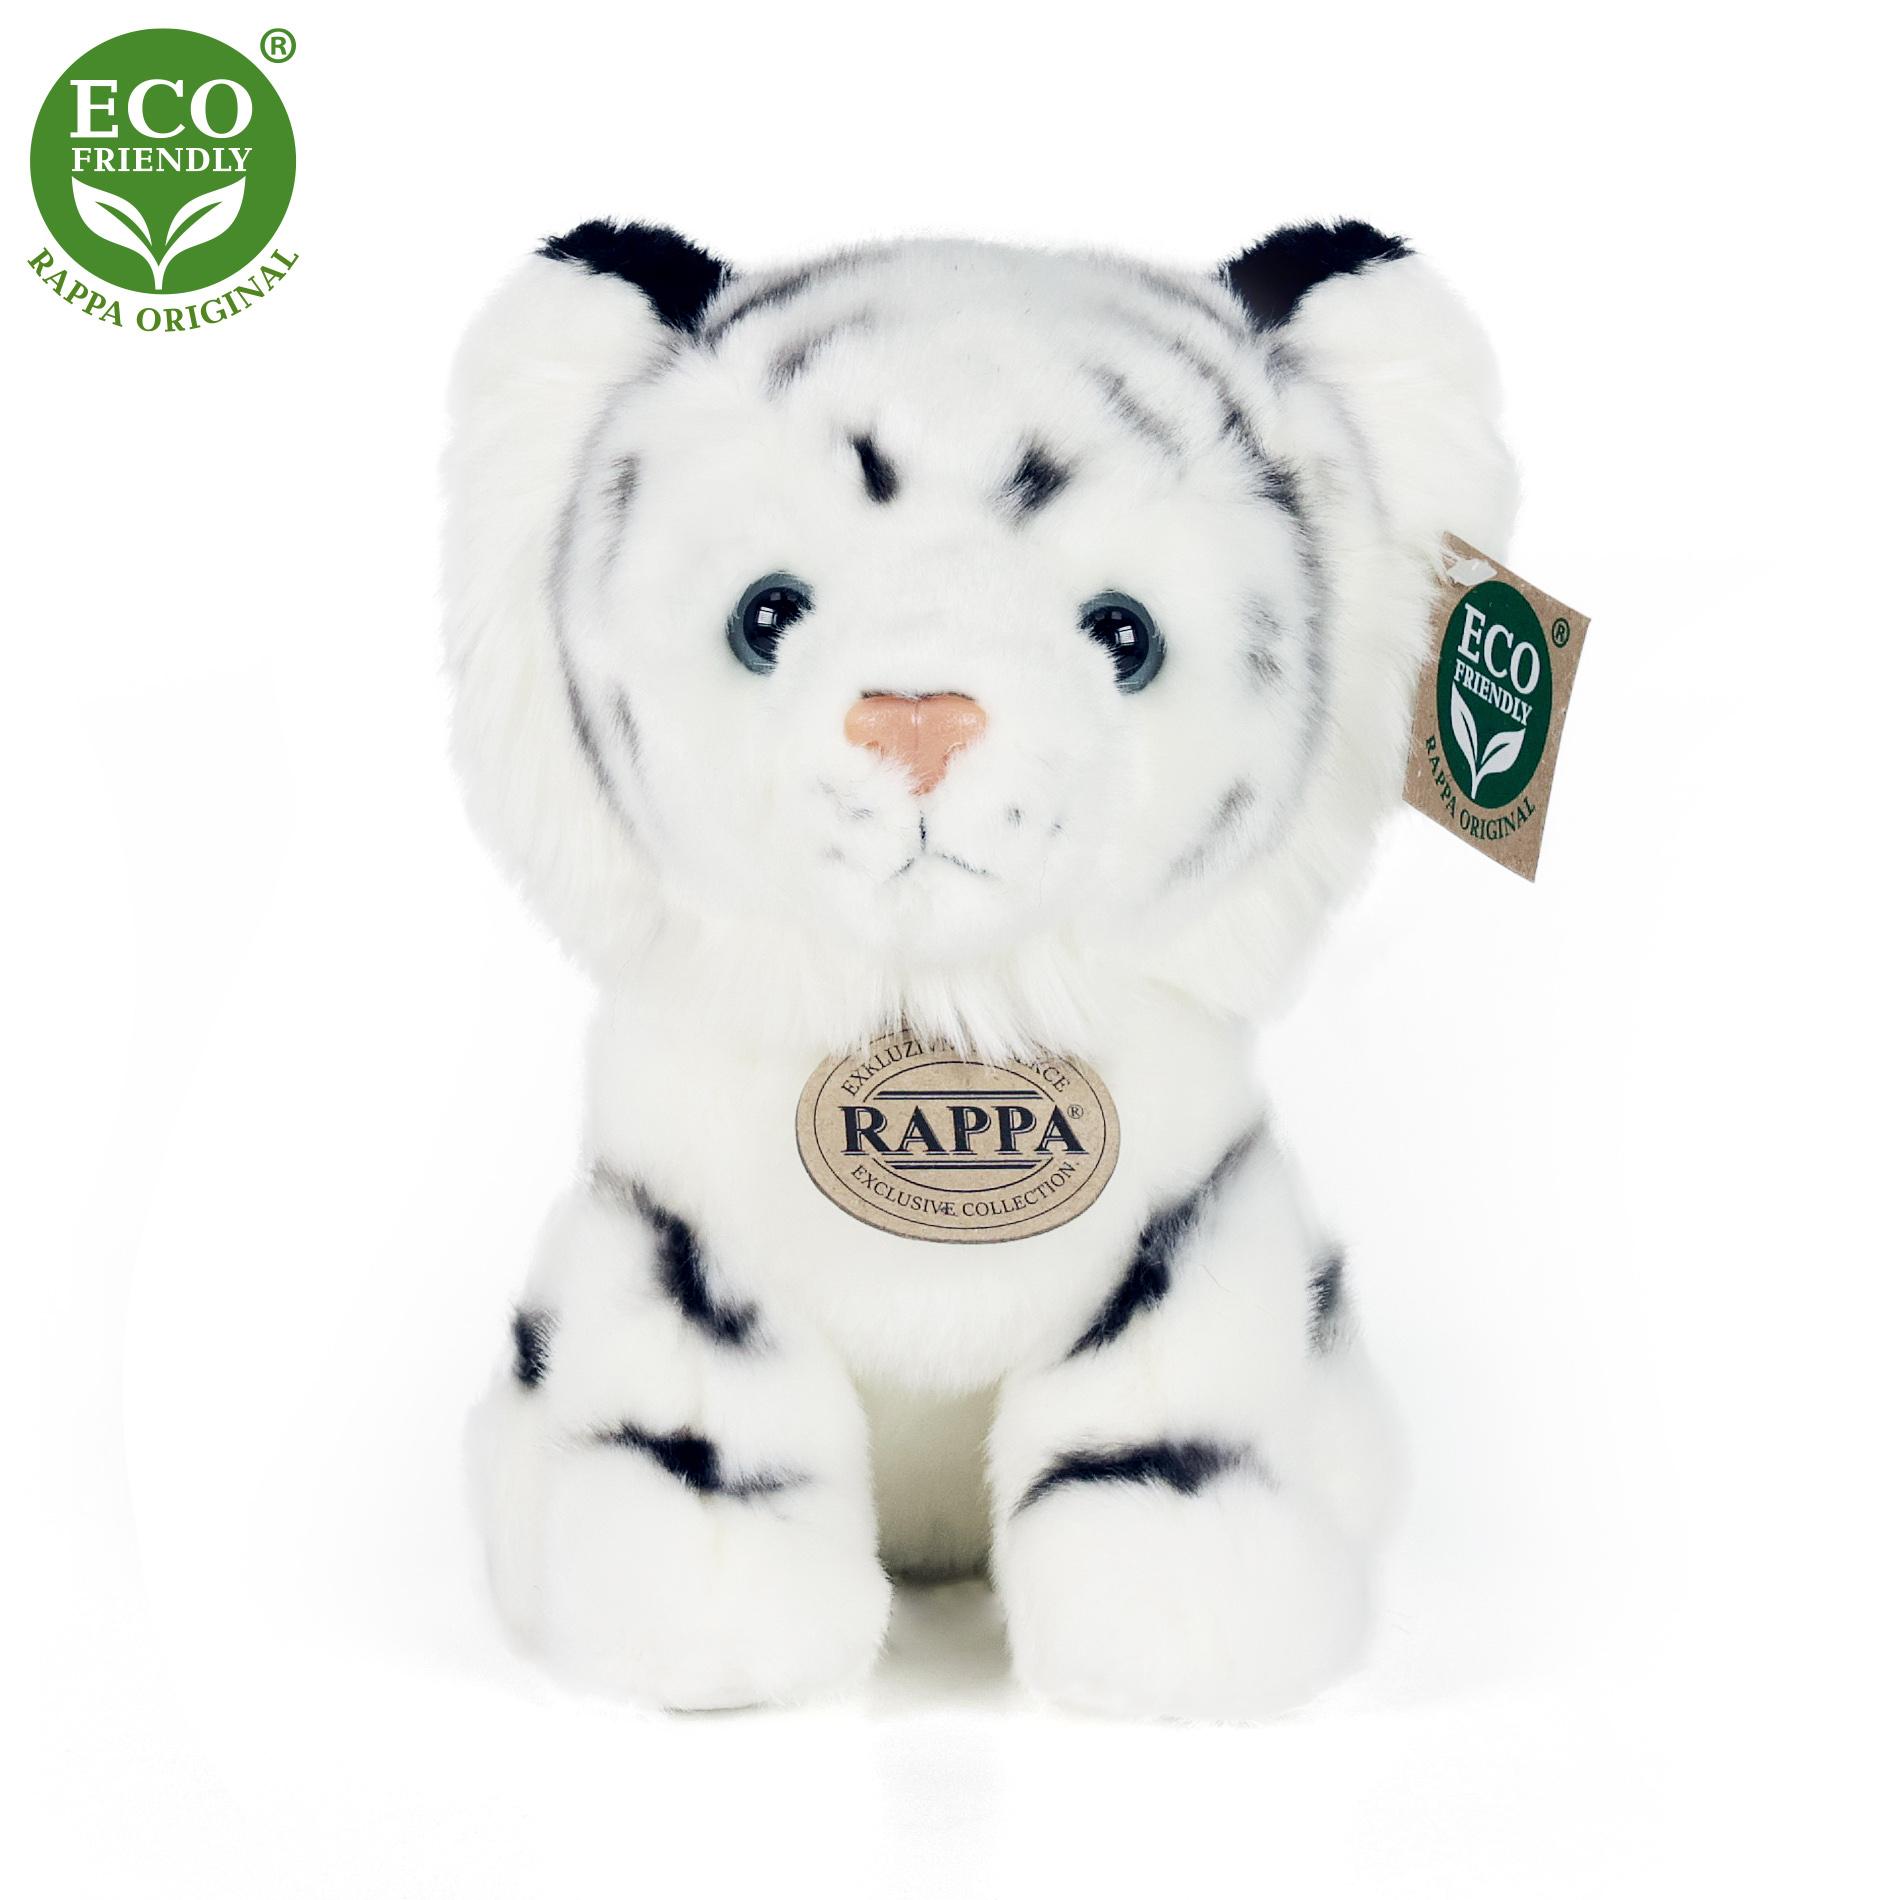 plyšový tiger biely sediaci, 18 cm